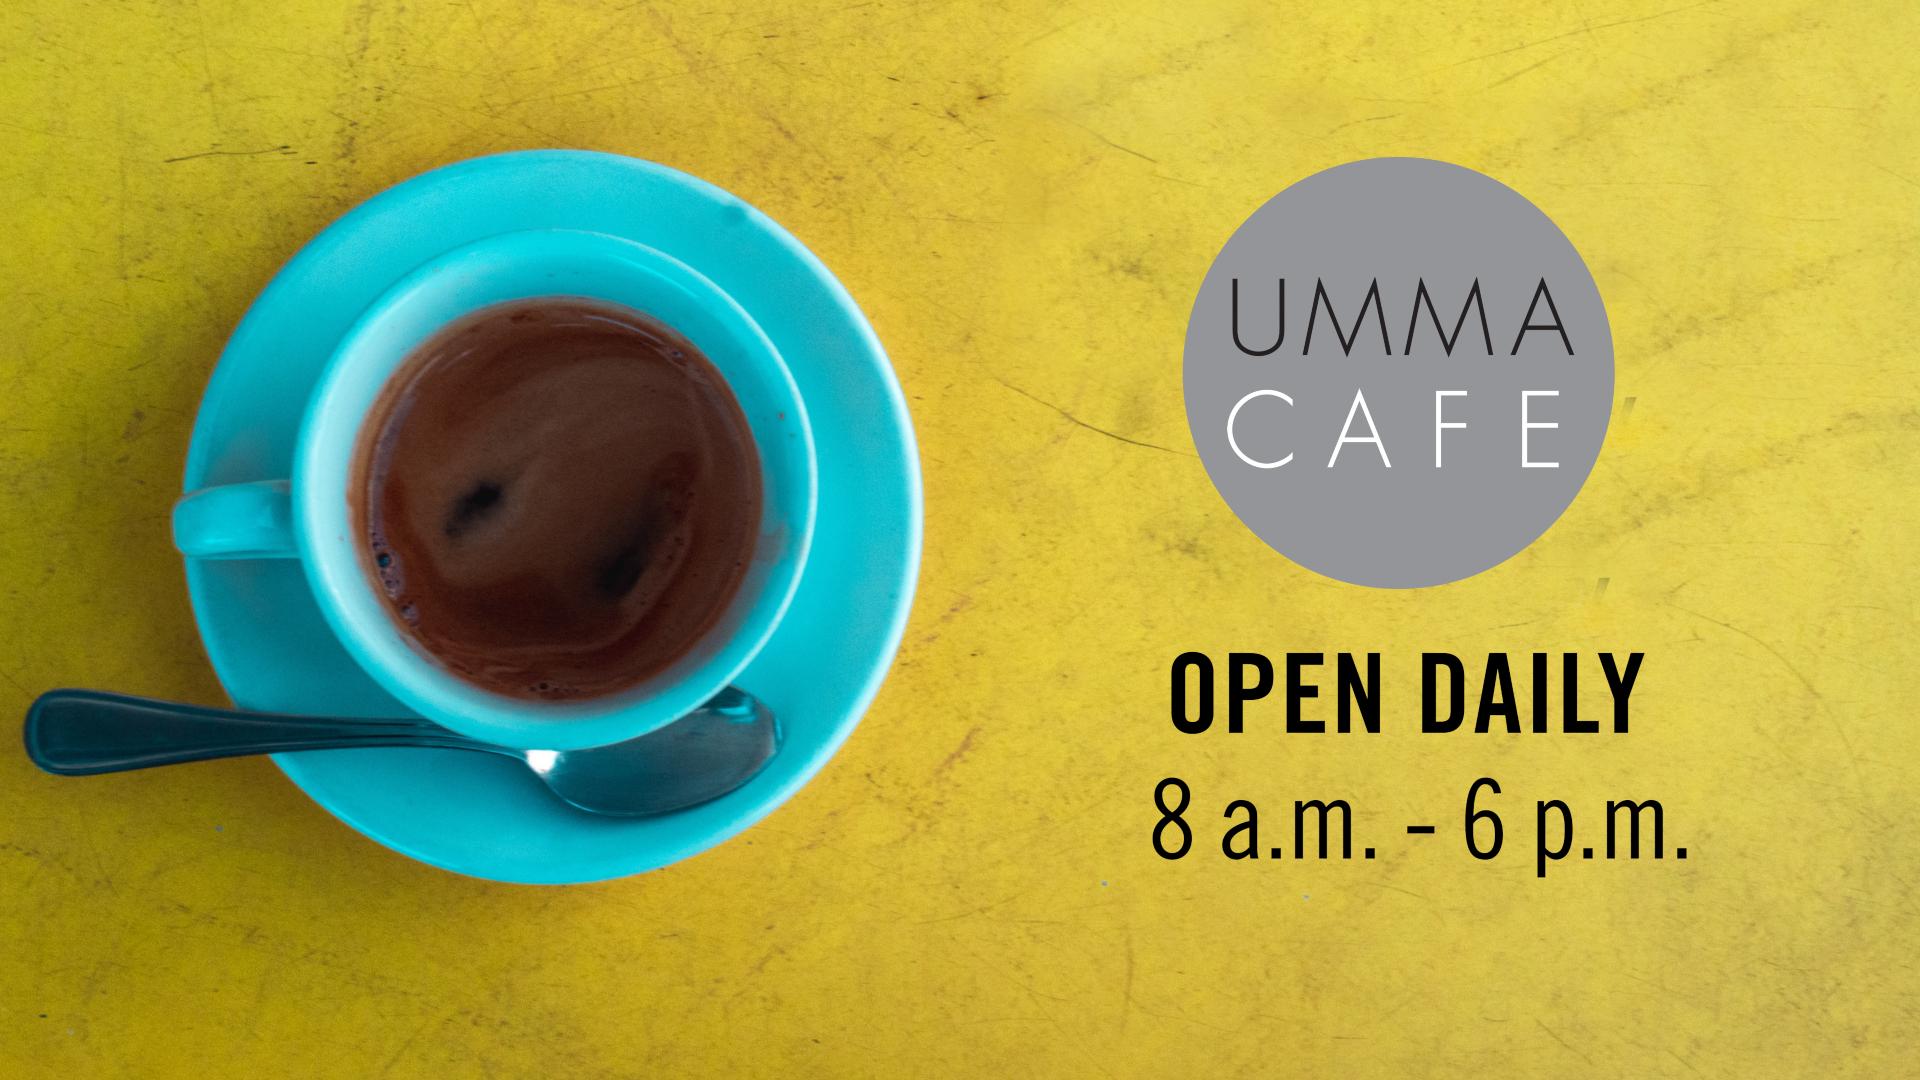 UMMA Cafe: Open Daily, 8 a.m.–6 p.m.